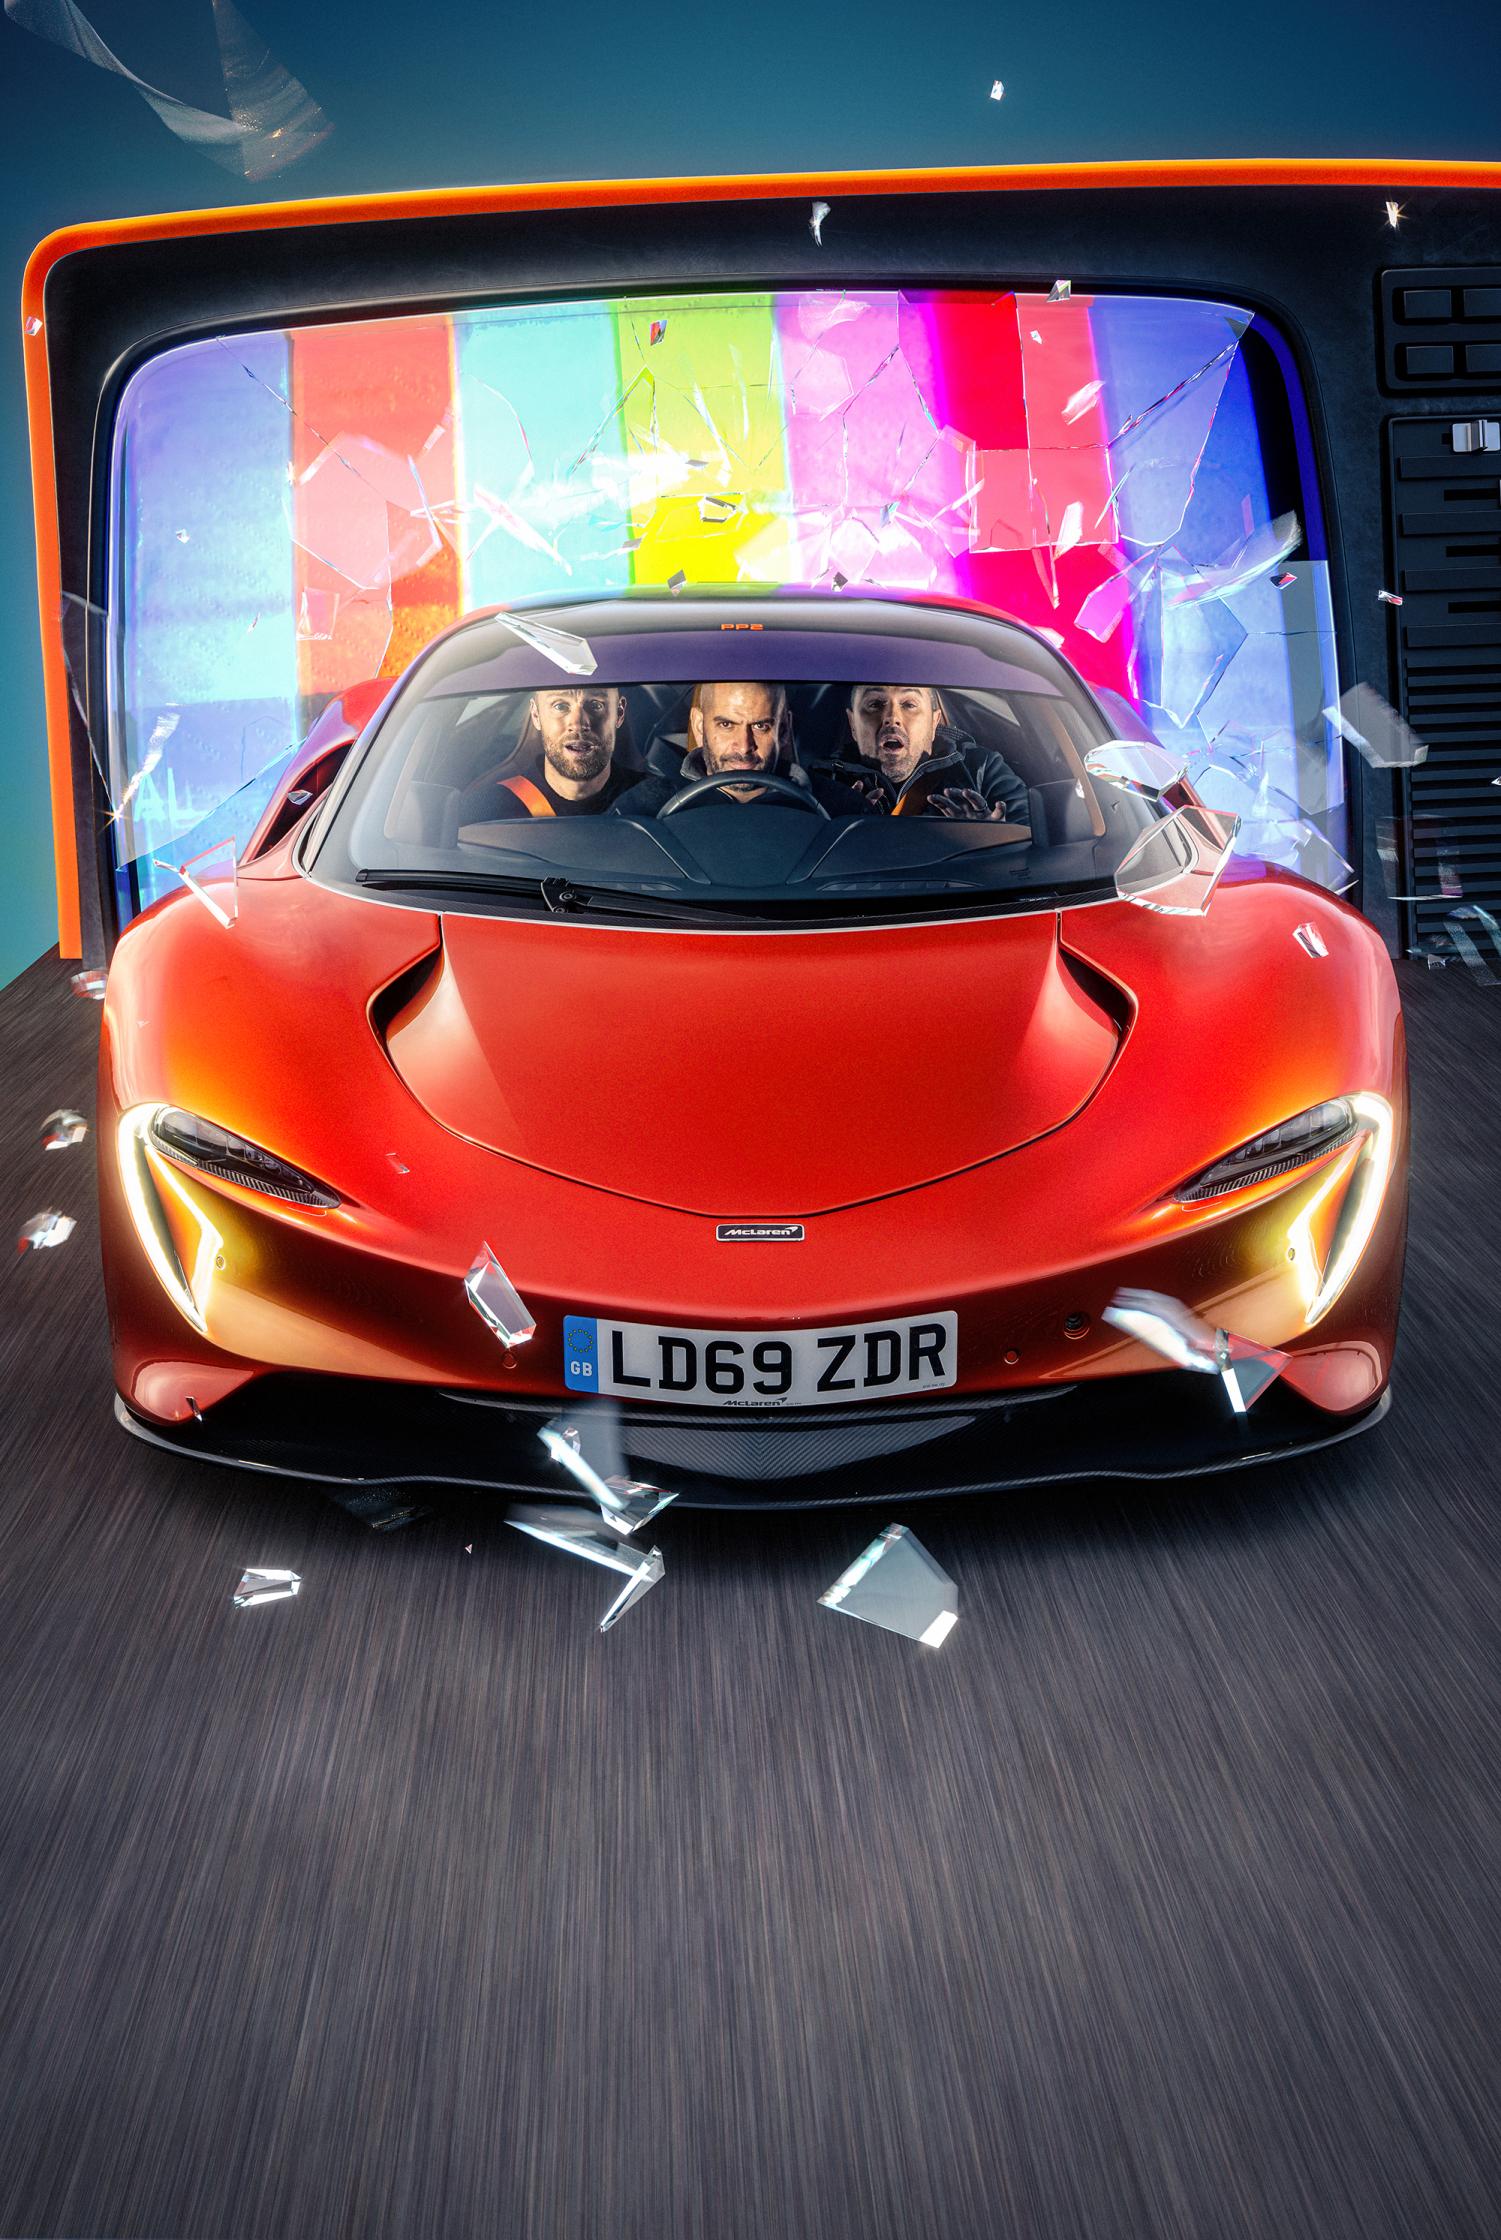 Top_Gear_McClaren.jpg